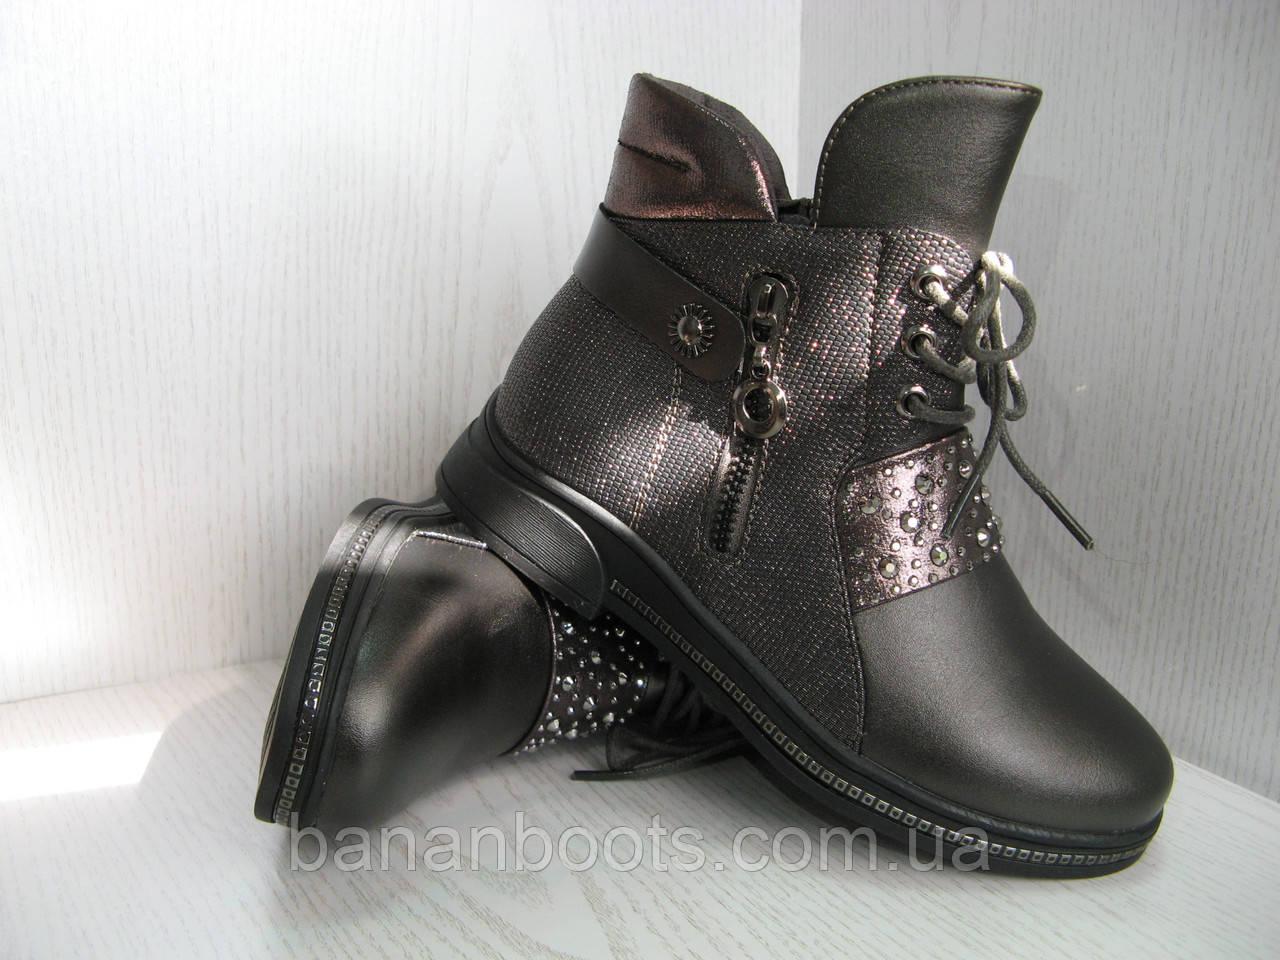 Ботинки демисезонные серебристо-серые детские для девочки 34р.